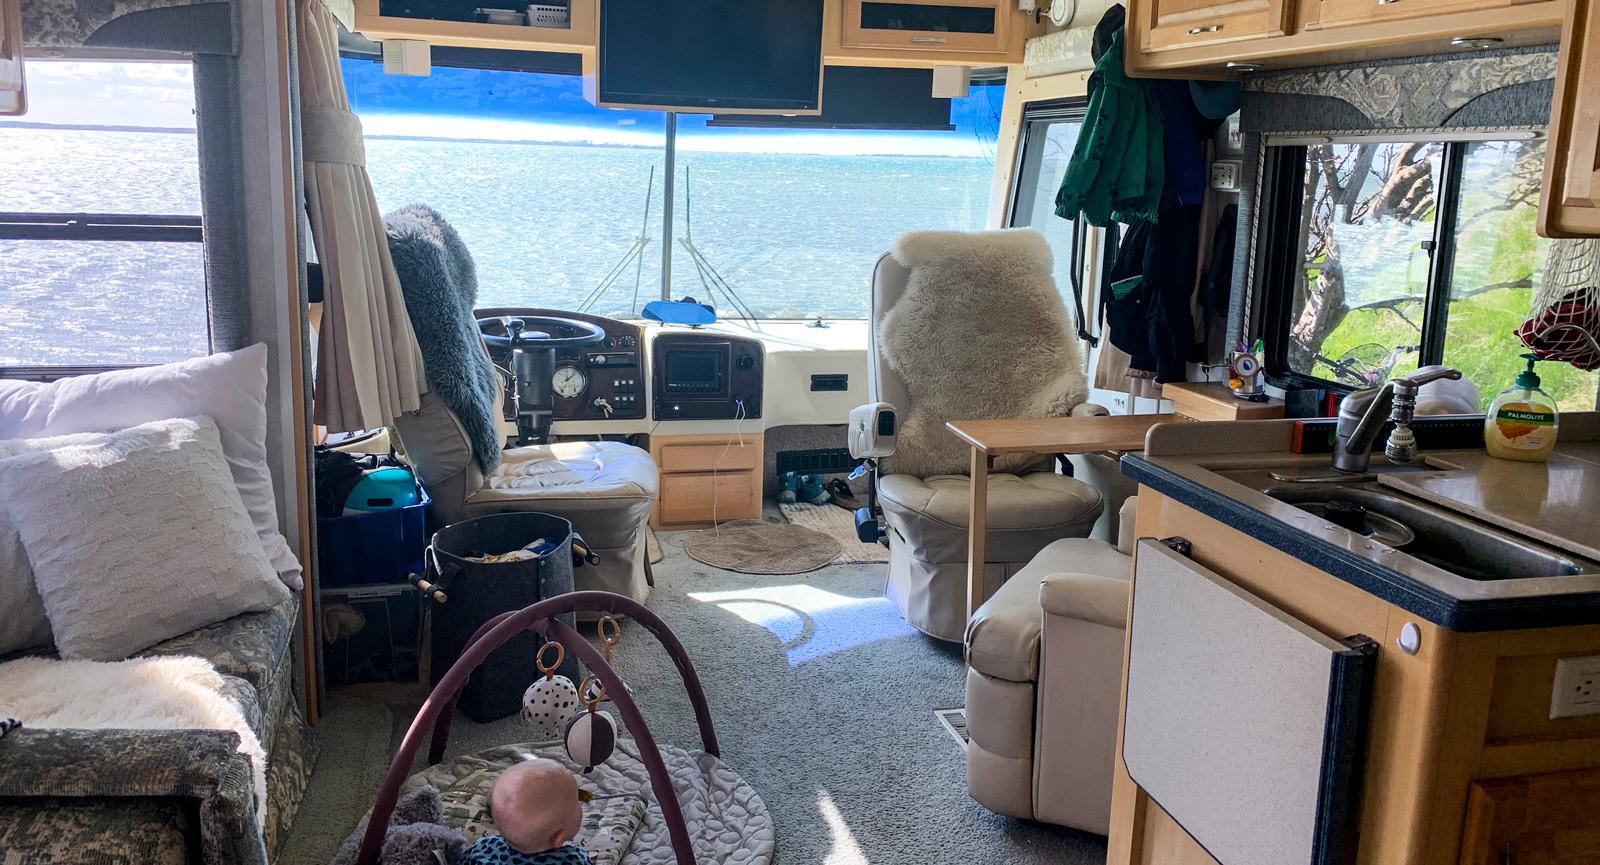 Som att ha sitt vardagsrum med på resan. Att resa med husbuss är optimalt tycker Henrik och Matilda.